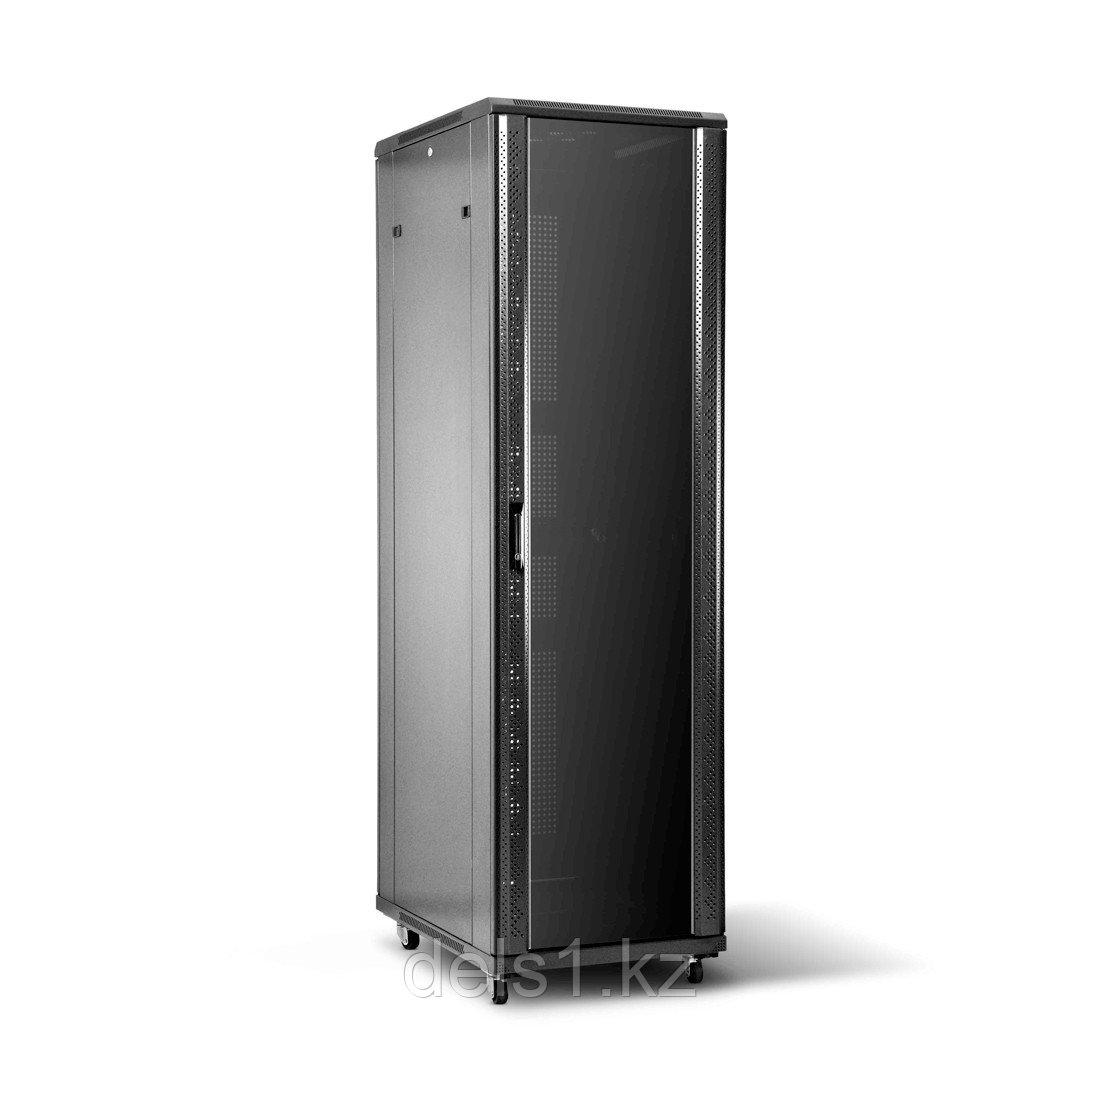 Шкаф серверный напольный SHIP 601S.6242.24.100 42U 600*1200*2000 мм